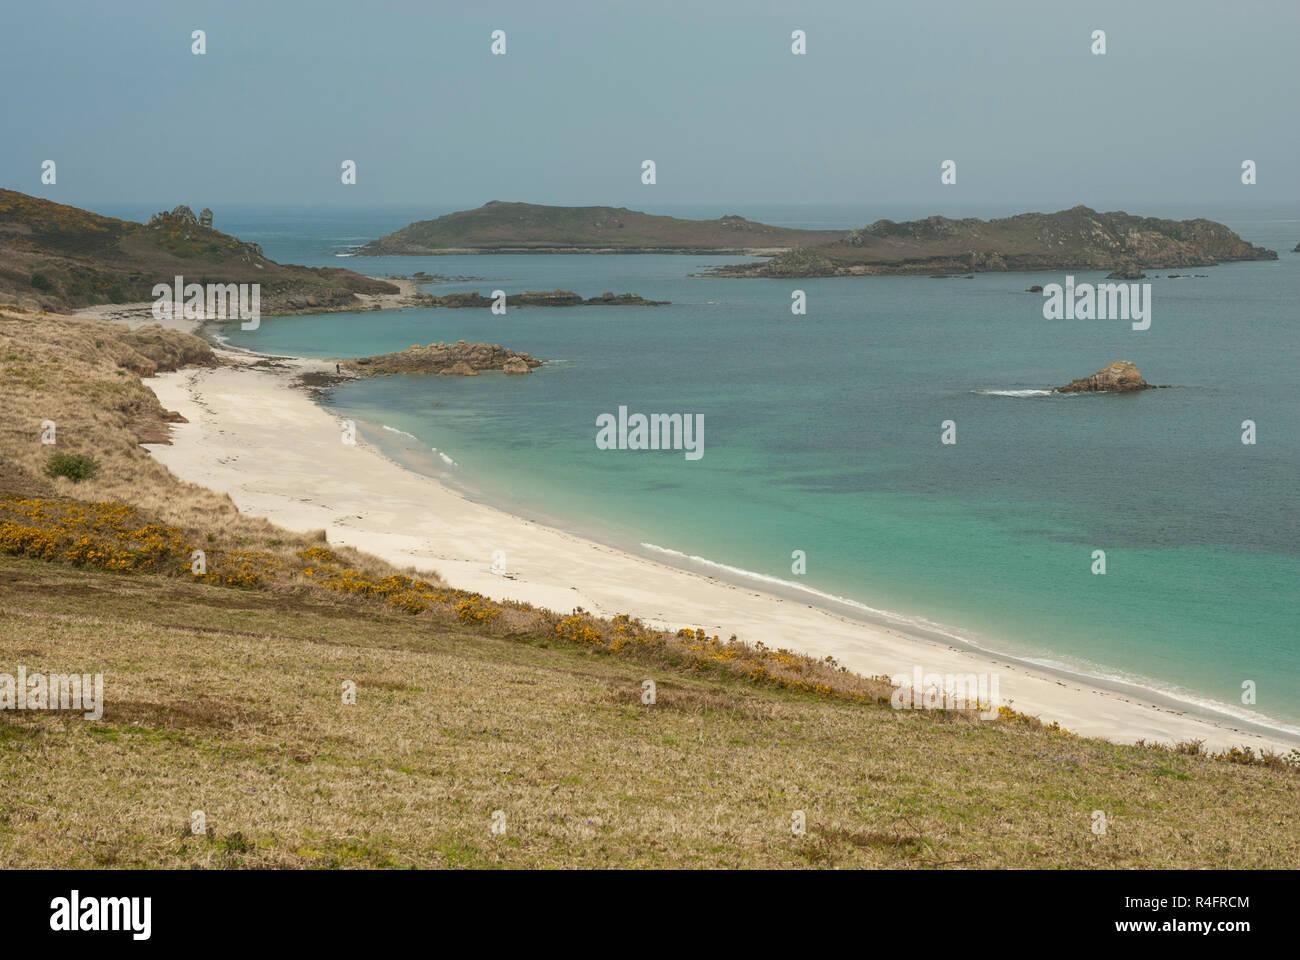 Impresionantes vistas a la Gran Bahía y Little Bay, St Martin's, Scilly, con playas de arena, mar azul y la Isla Blanca Imagen De Stock